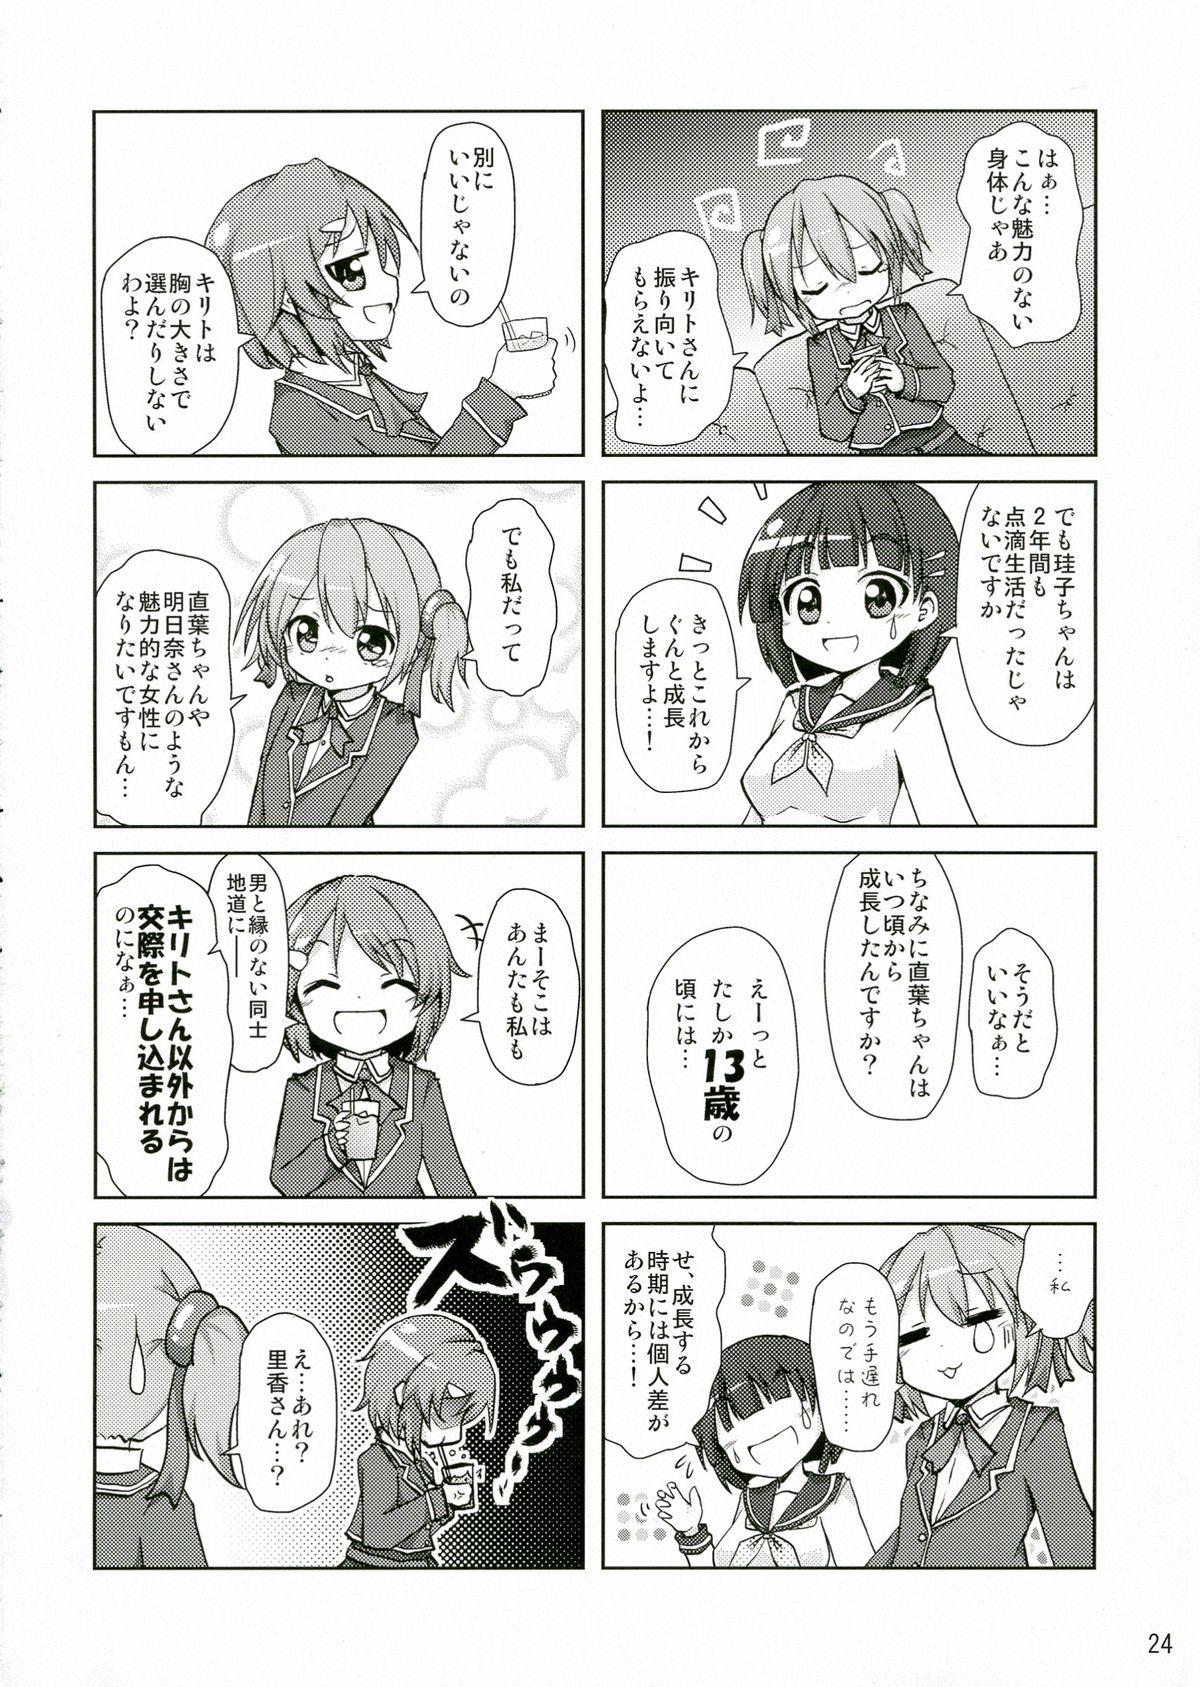 Silica chan kawaii β2 23